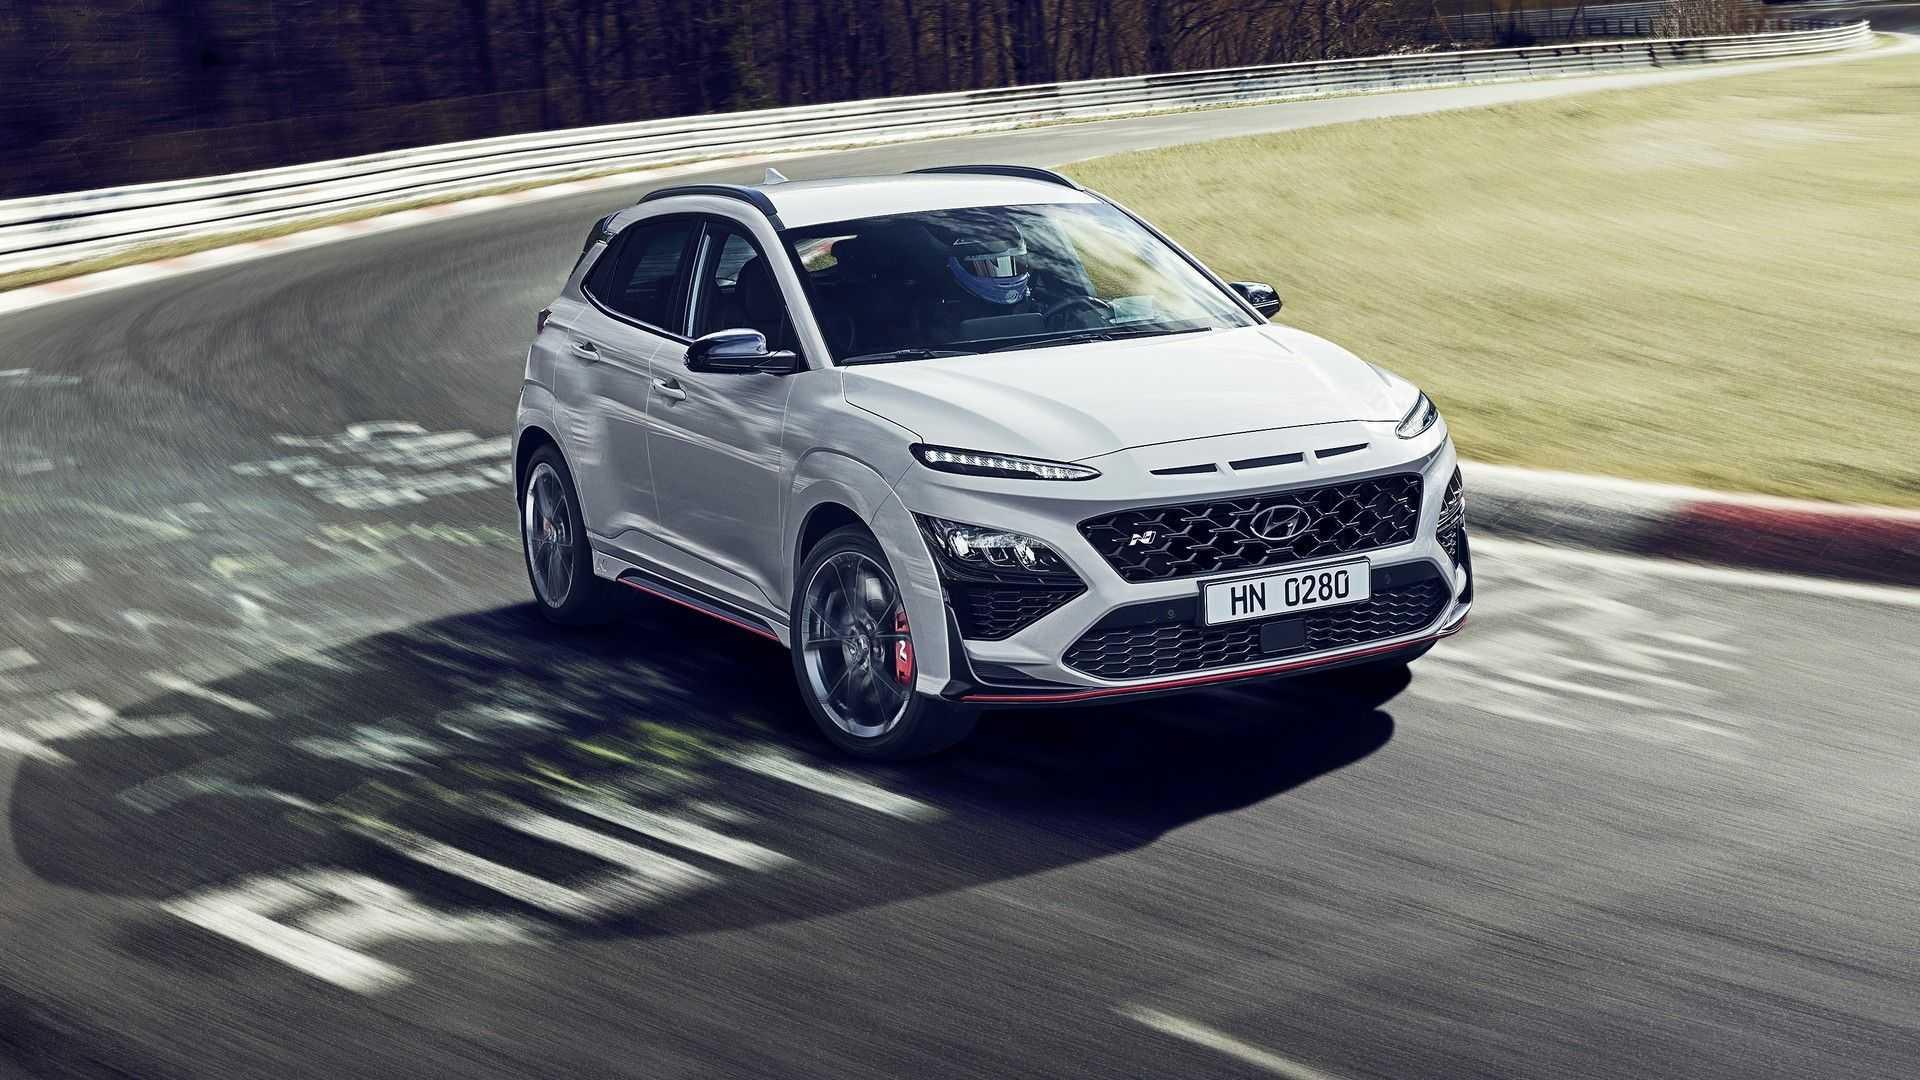 Νέο Hyundai Kona N: Αποκαλυπτήρια για το ισχυρότερο SUV της Hyundai (video)